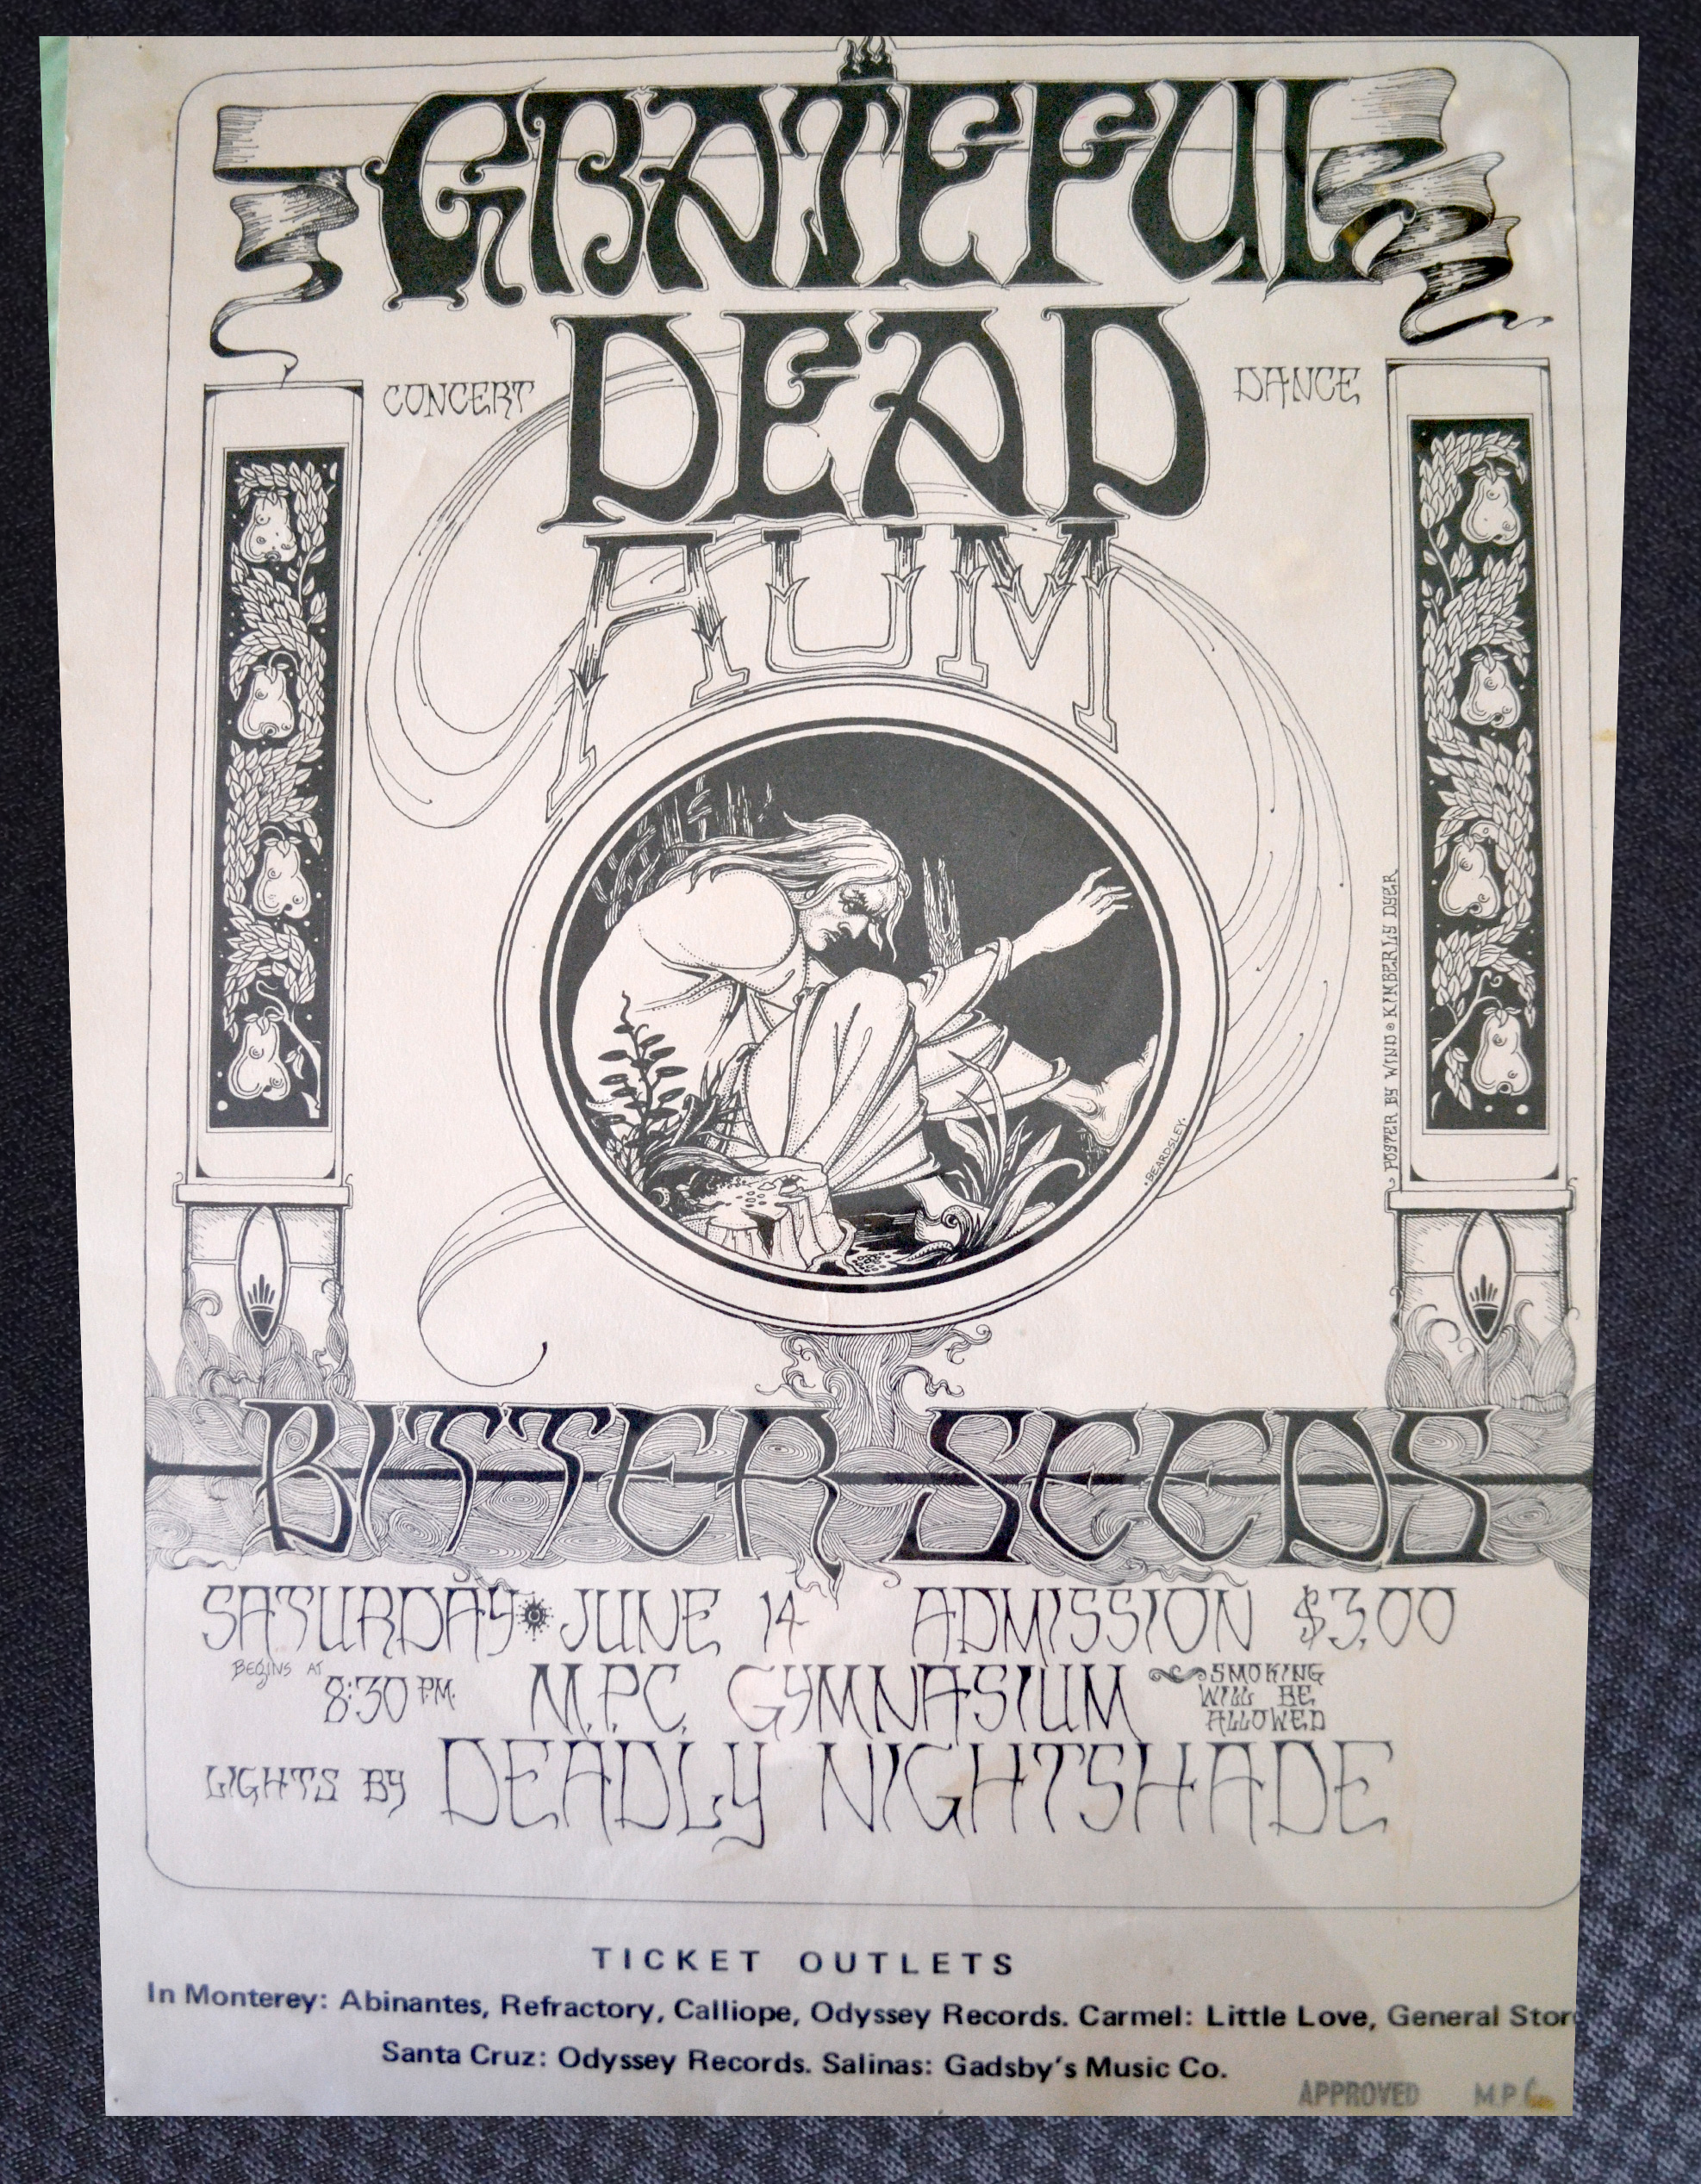 Grateful Dead, Bitter Seeds Handbill